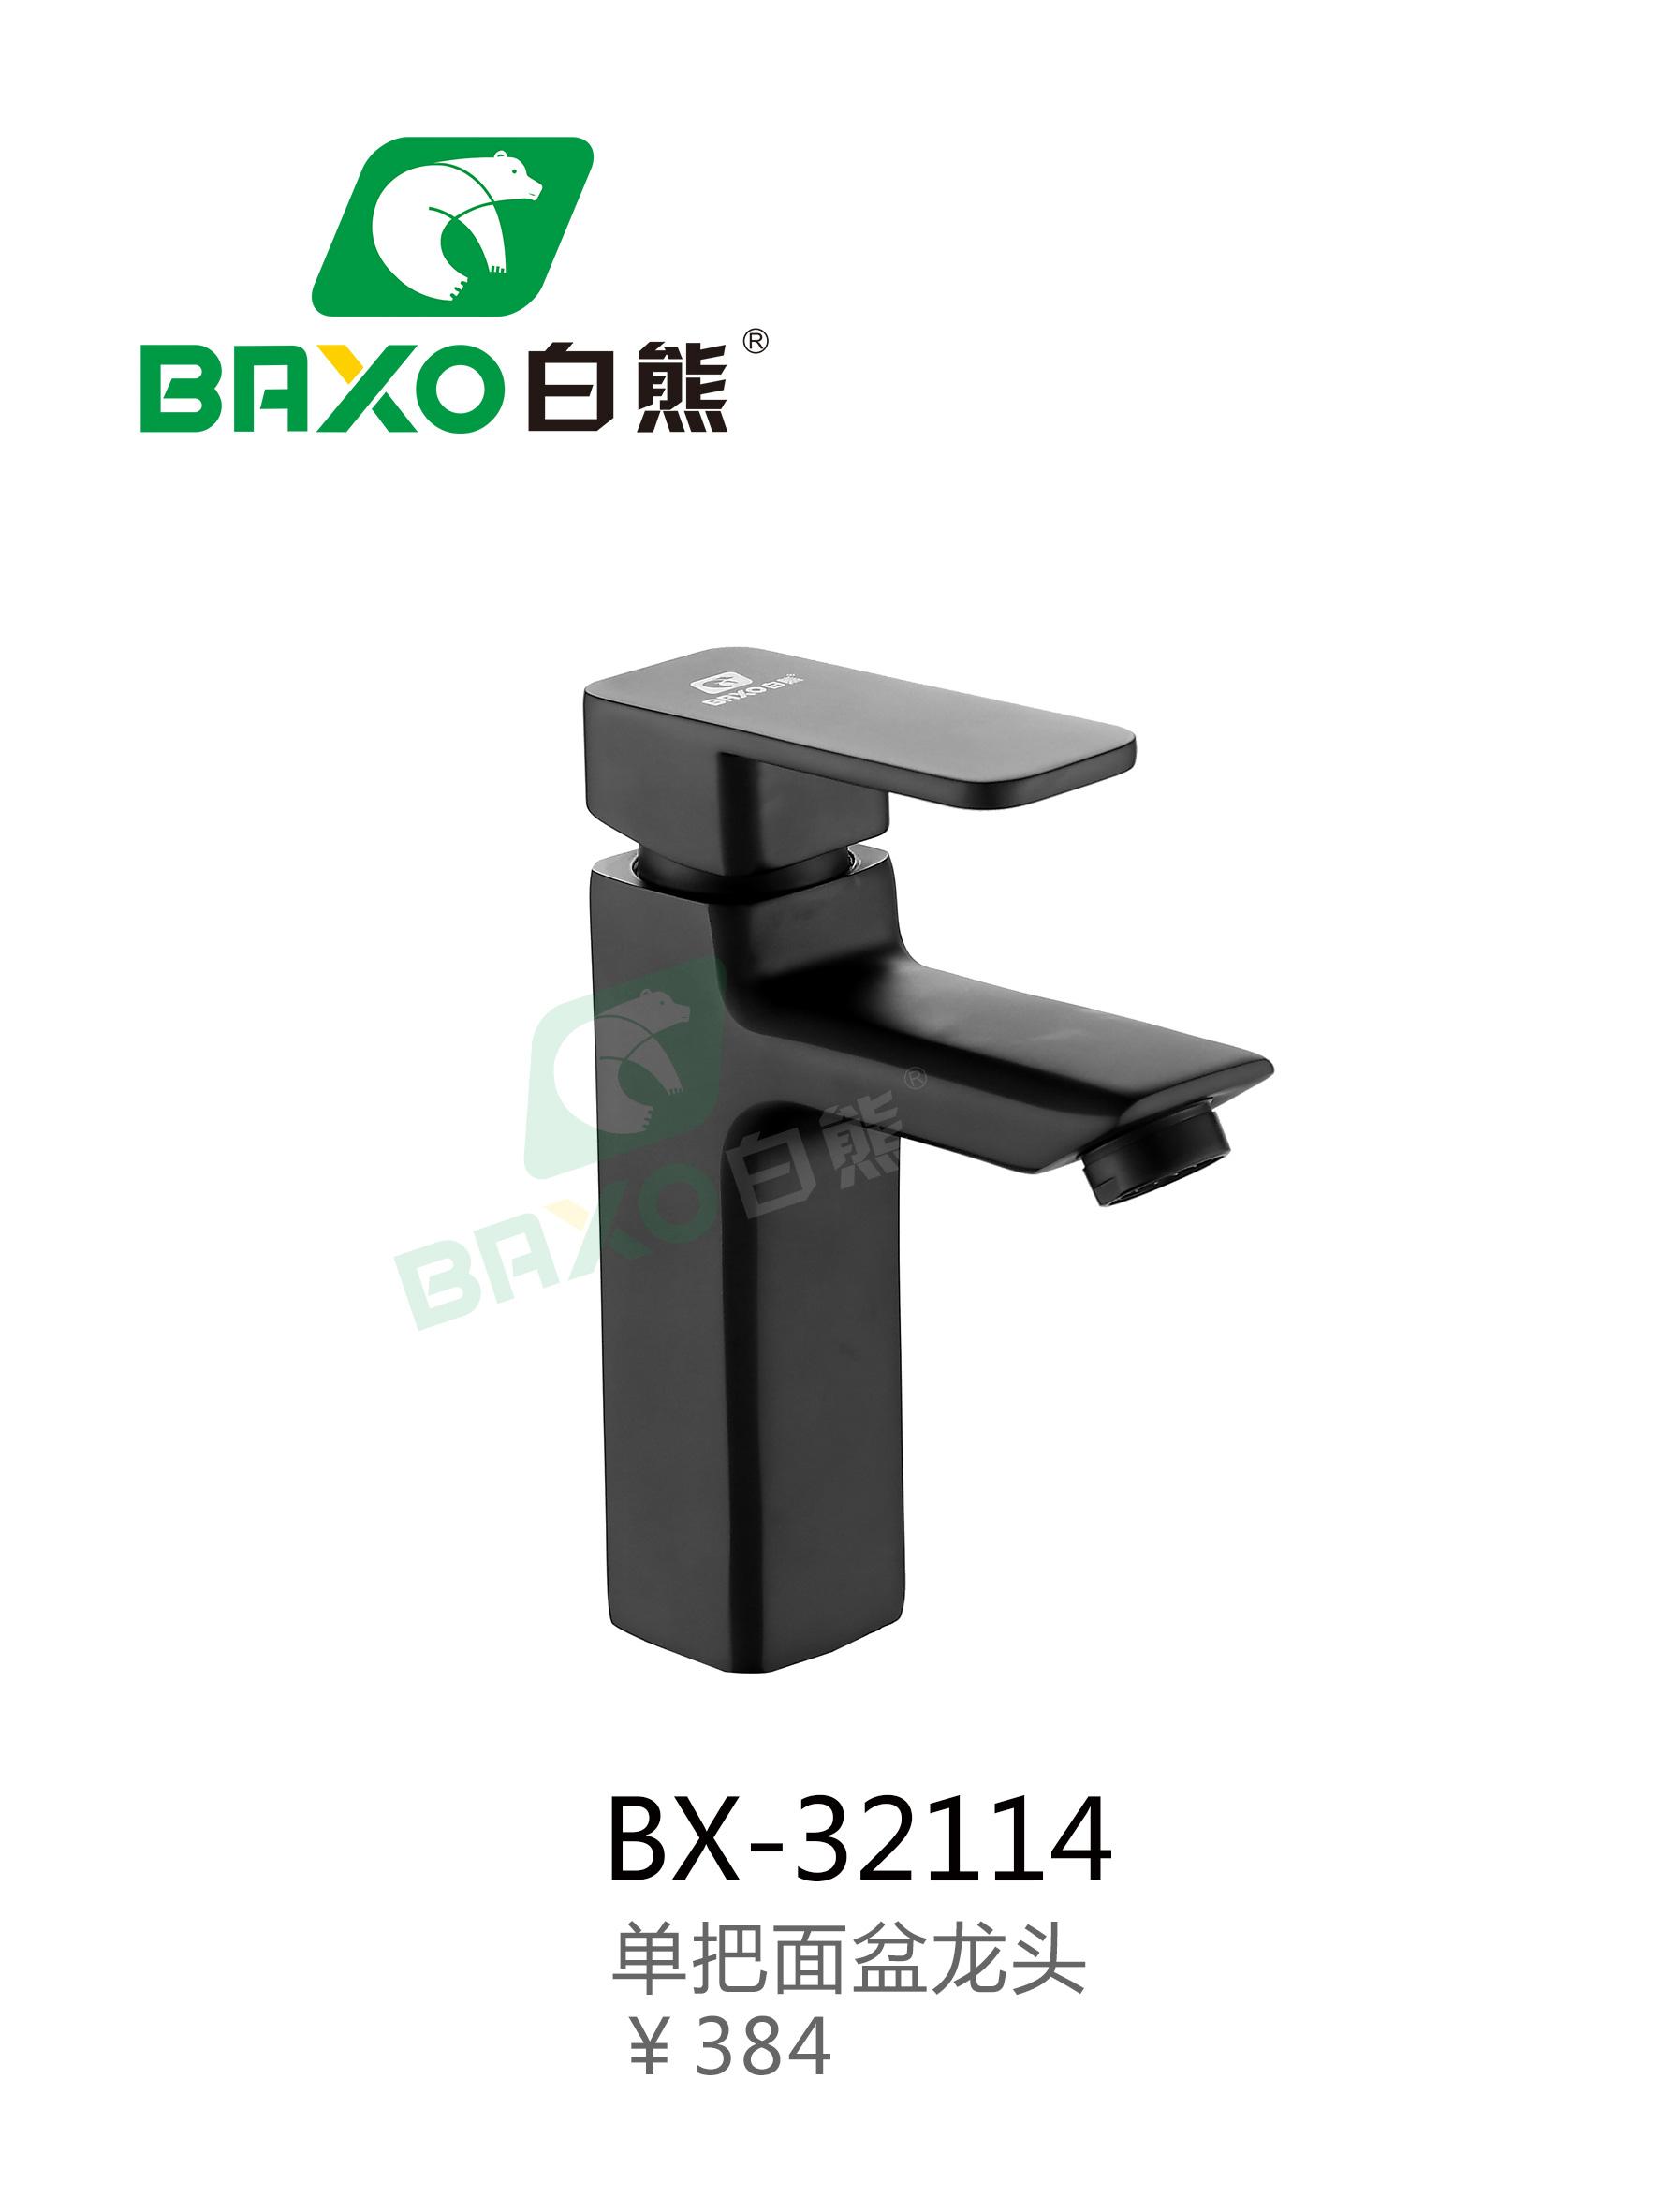 BX-32114单把面盆龙头